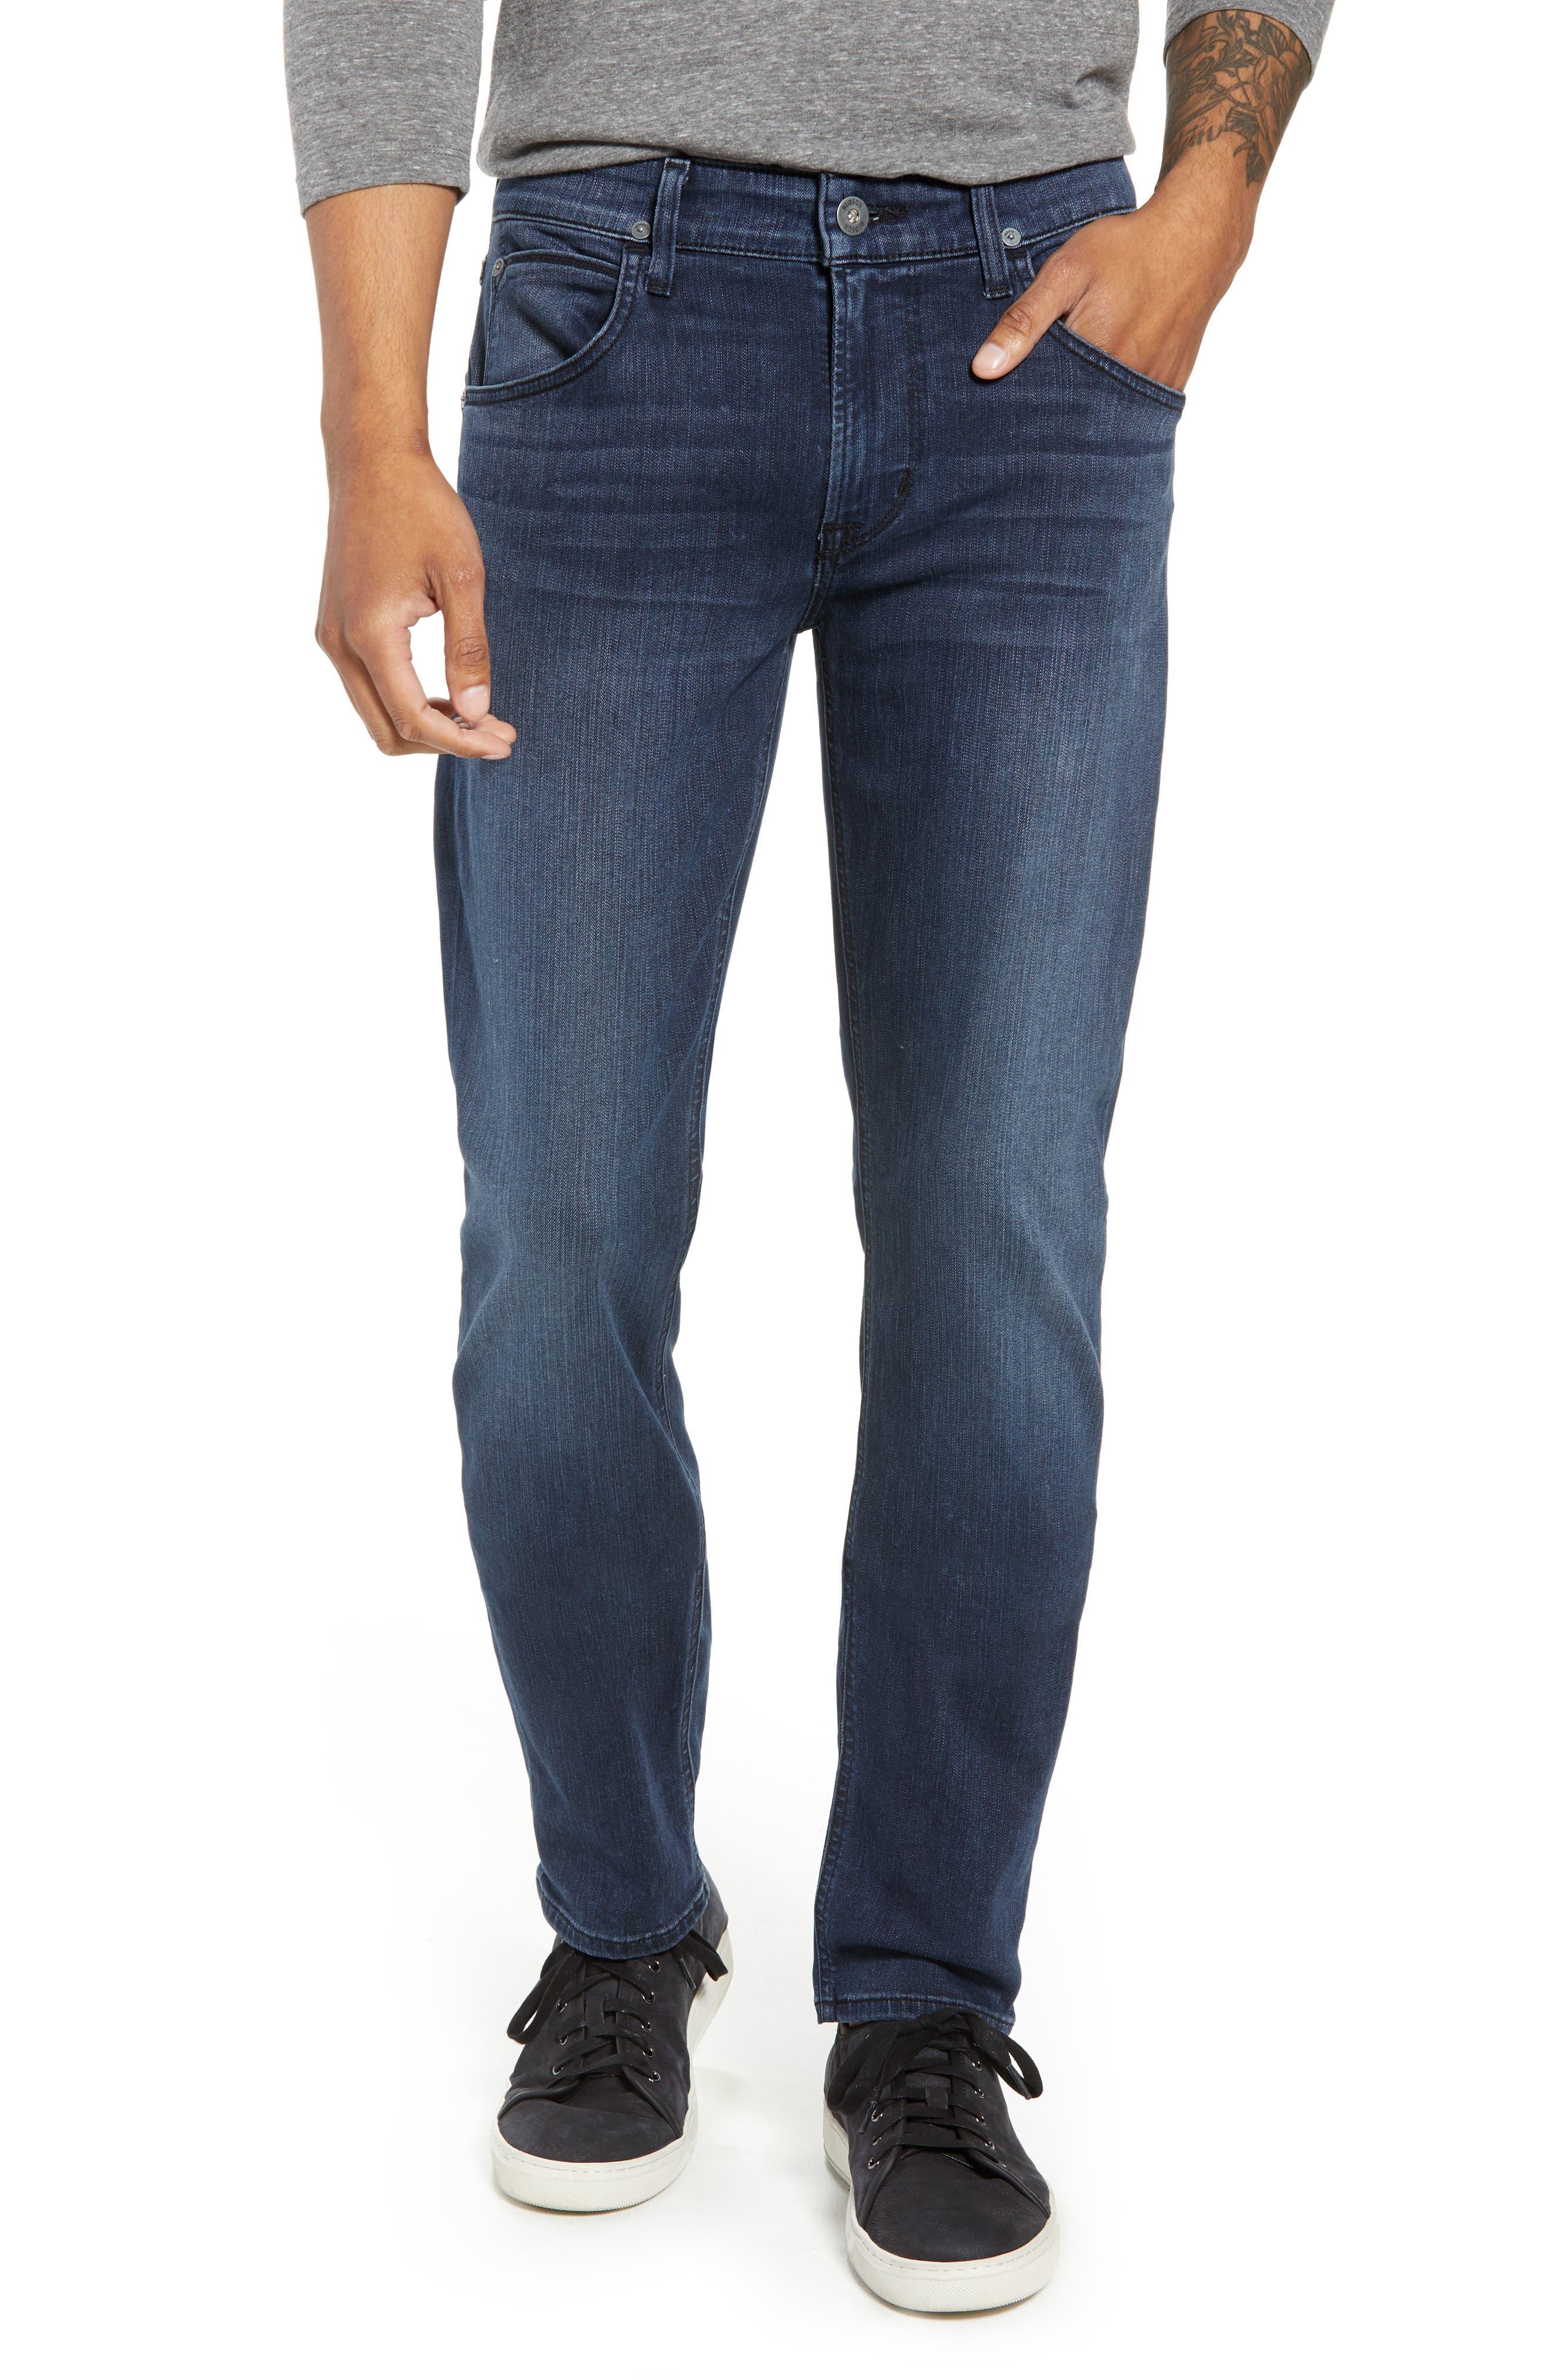 Blake Slim Fit Jeans,                             Main thumbnail 1, color,                             Loma